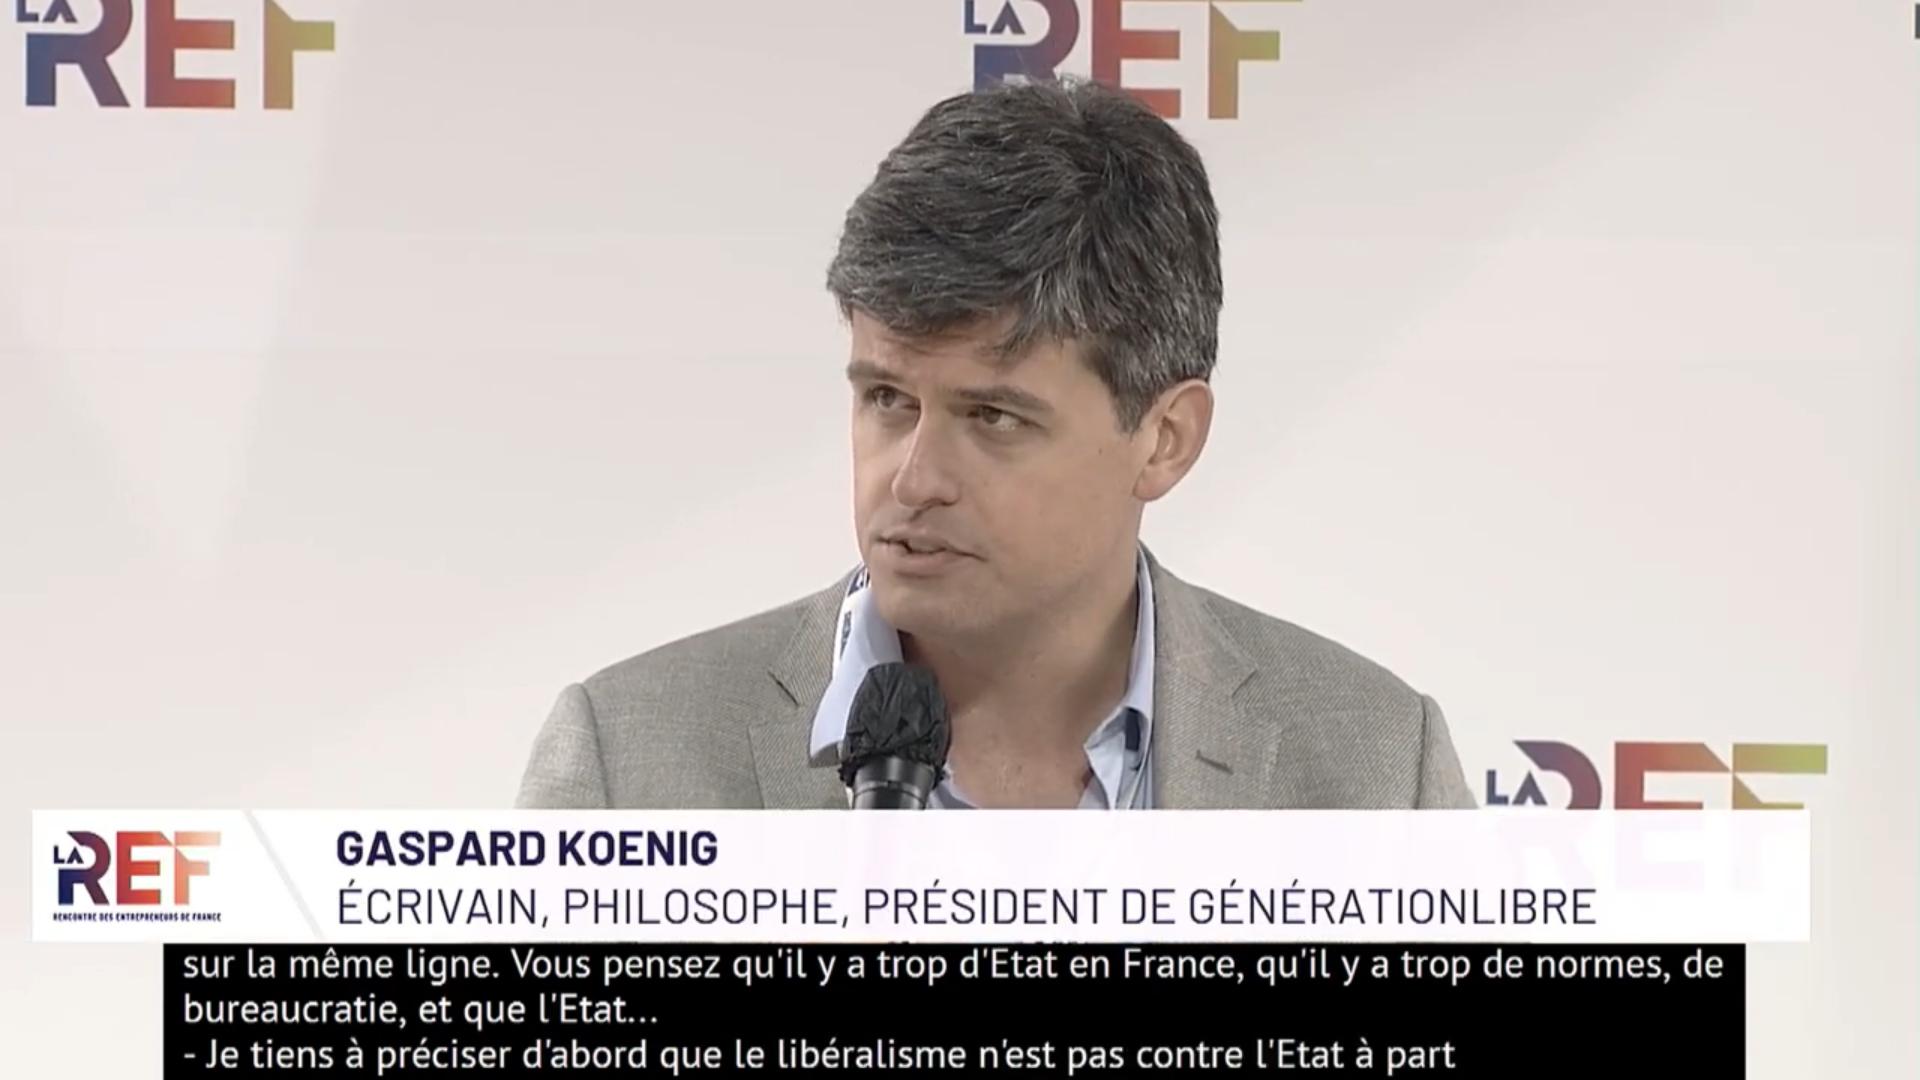 «La France vit dans une douce anarchie.» Gaspard Koenig